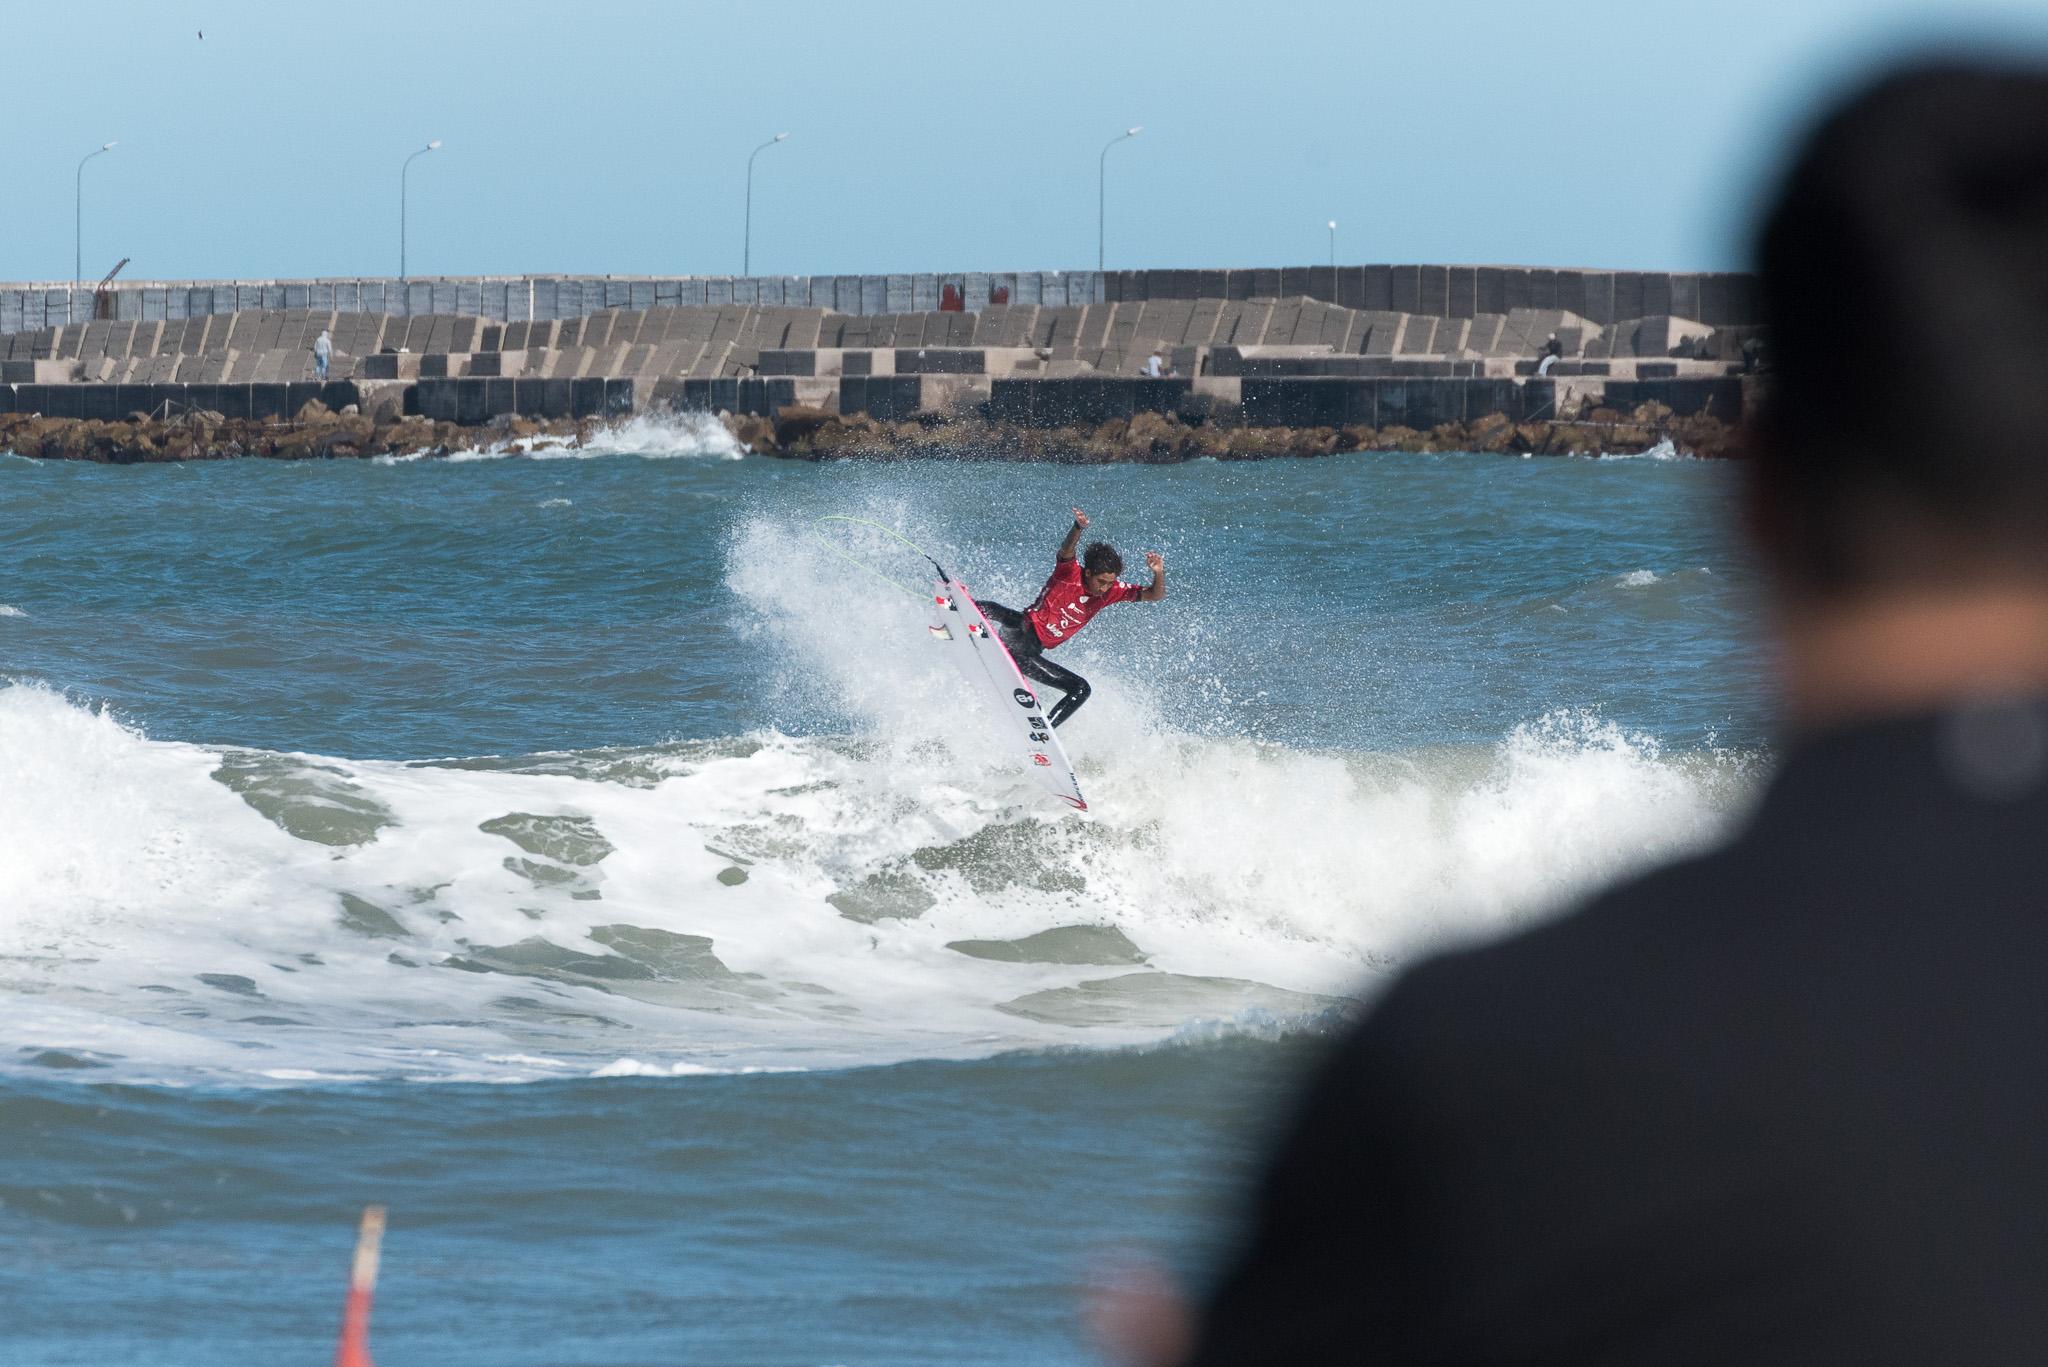 Gran expectativa para el Rip Curl Pro Argentina, surfistas de 12 países y el mejor nivel